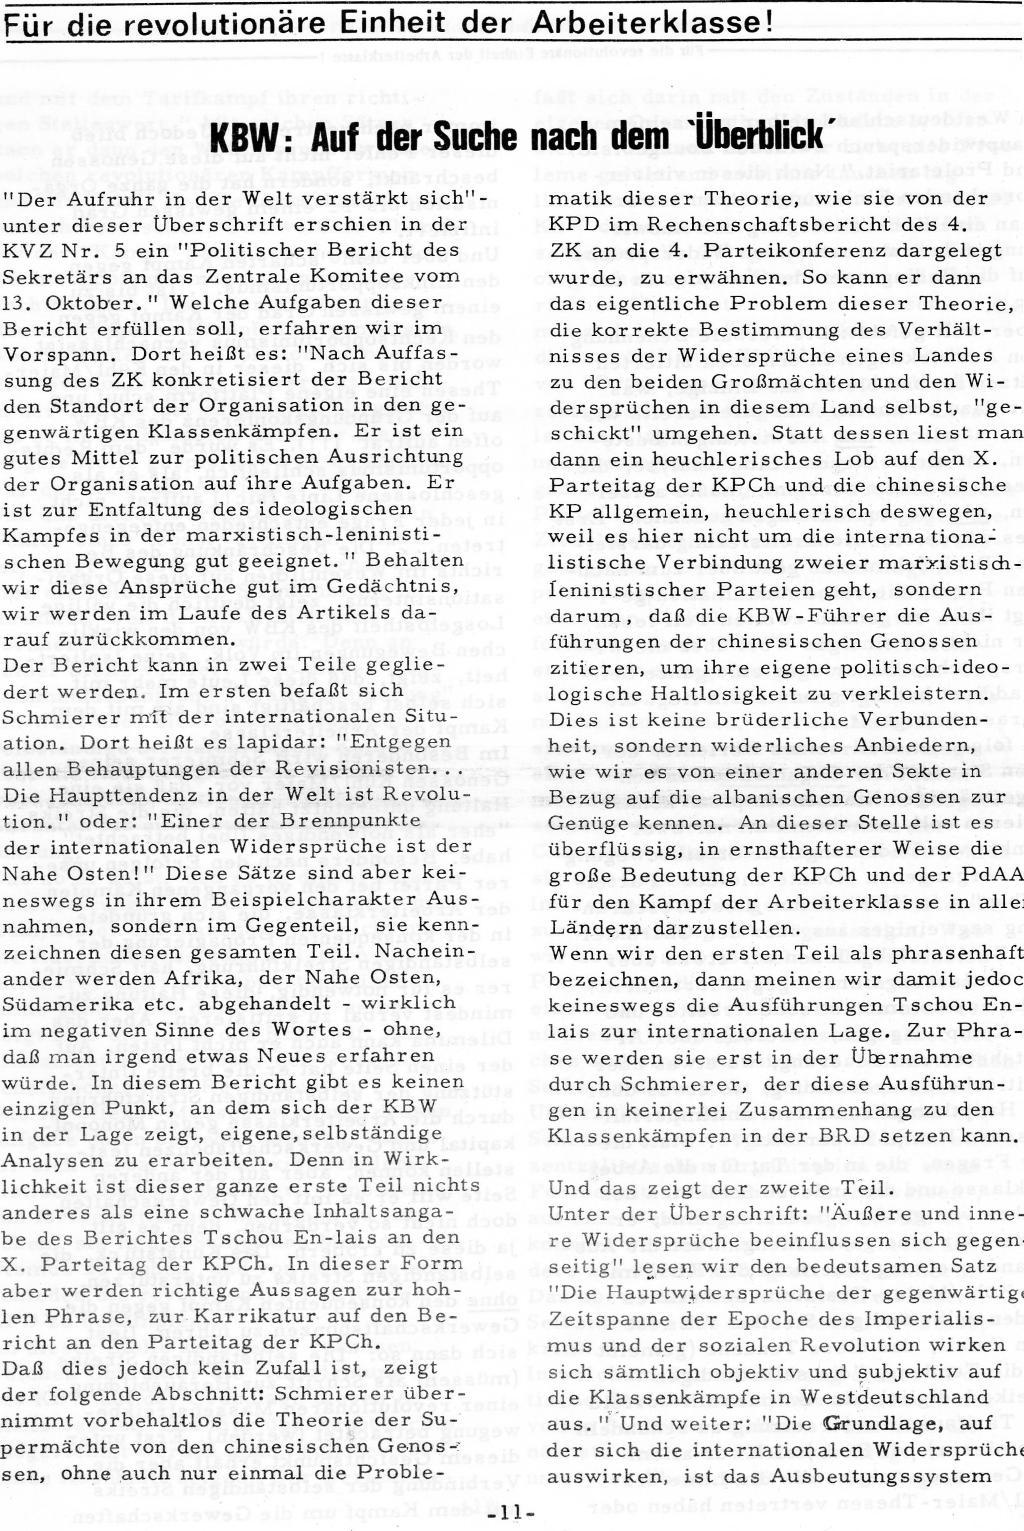 RPK_1973_036_11